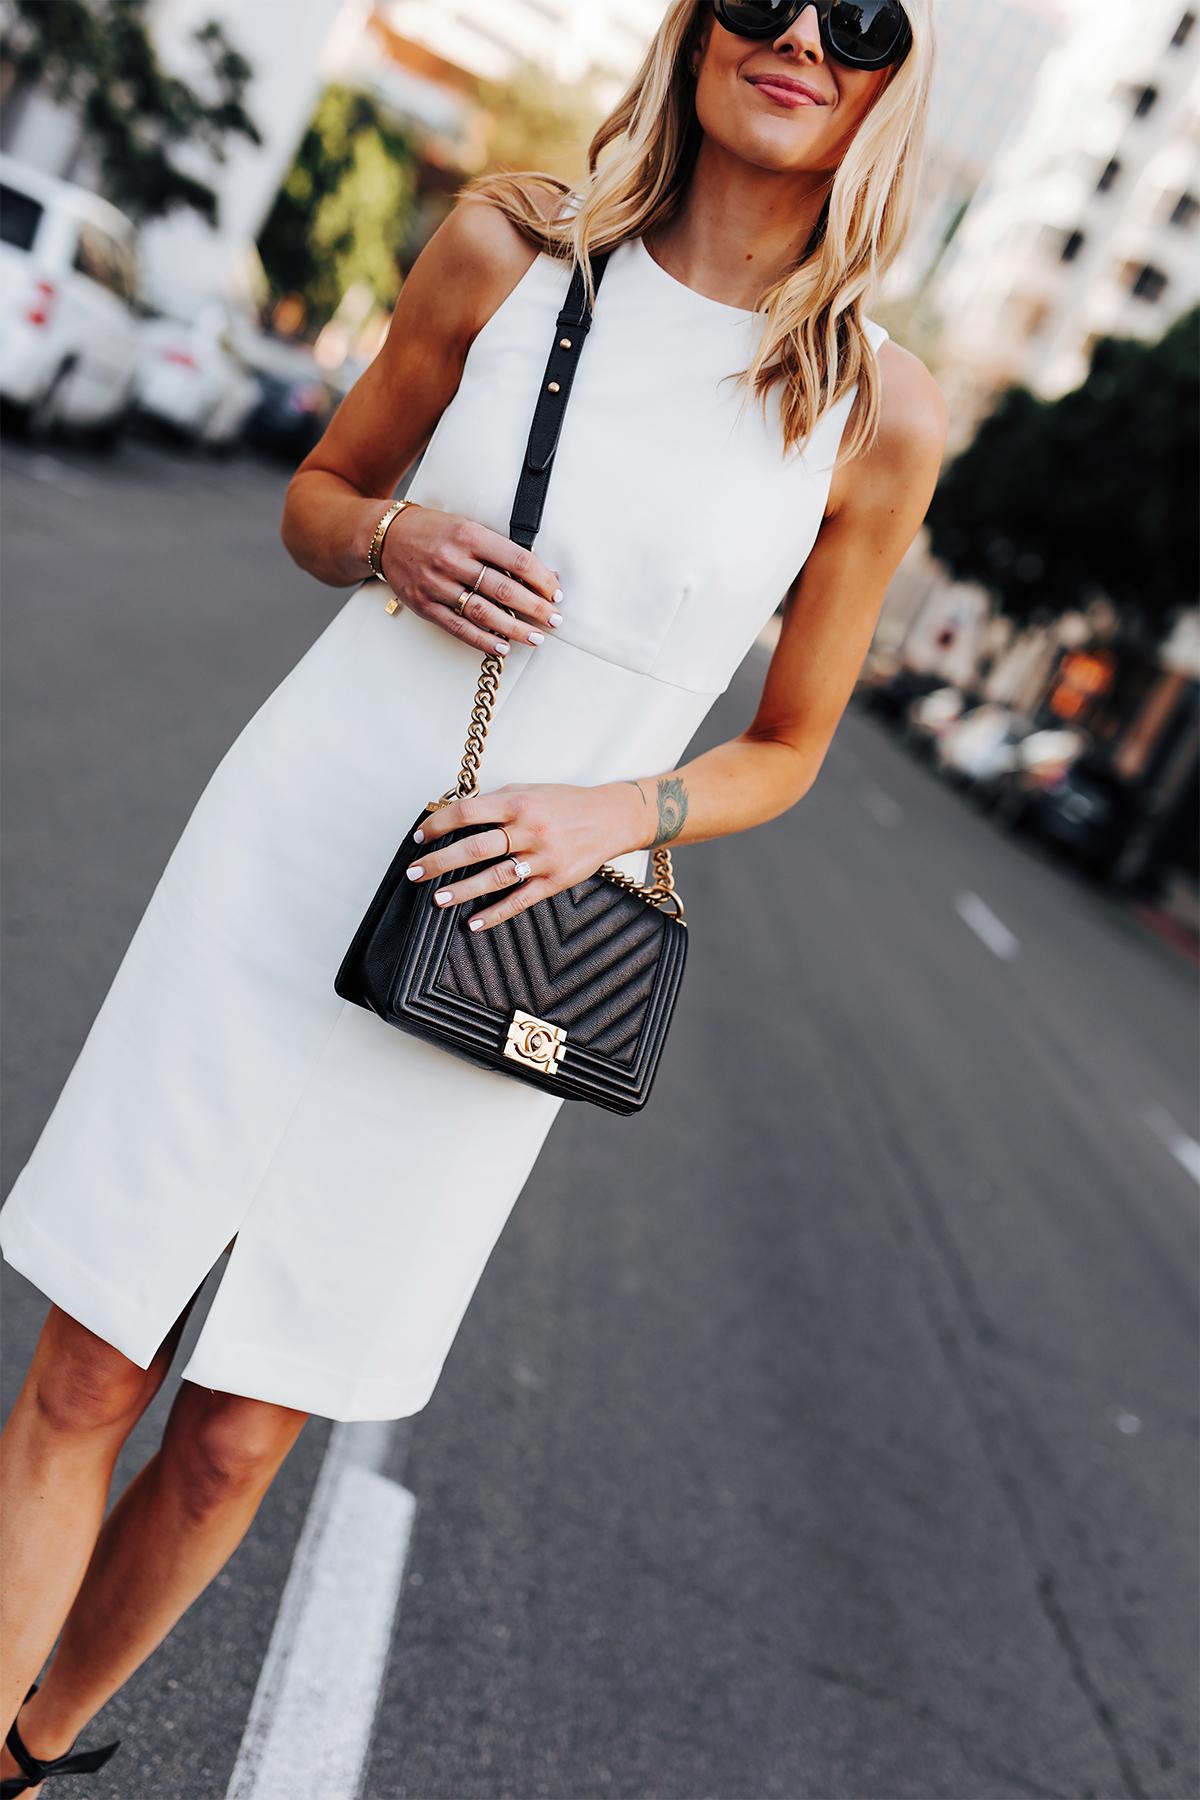 Blonde Woman Wearing Ann Taylor White Dress Chanel Black Boy Bag Fashion Jackson San Diego Fashion Blogger Street Style